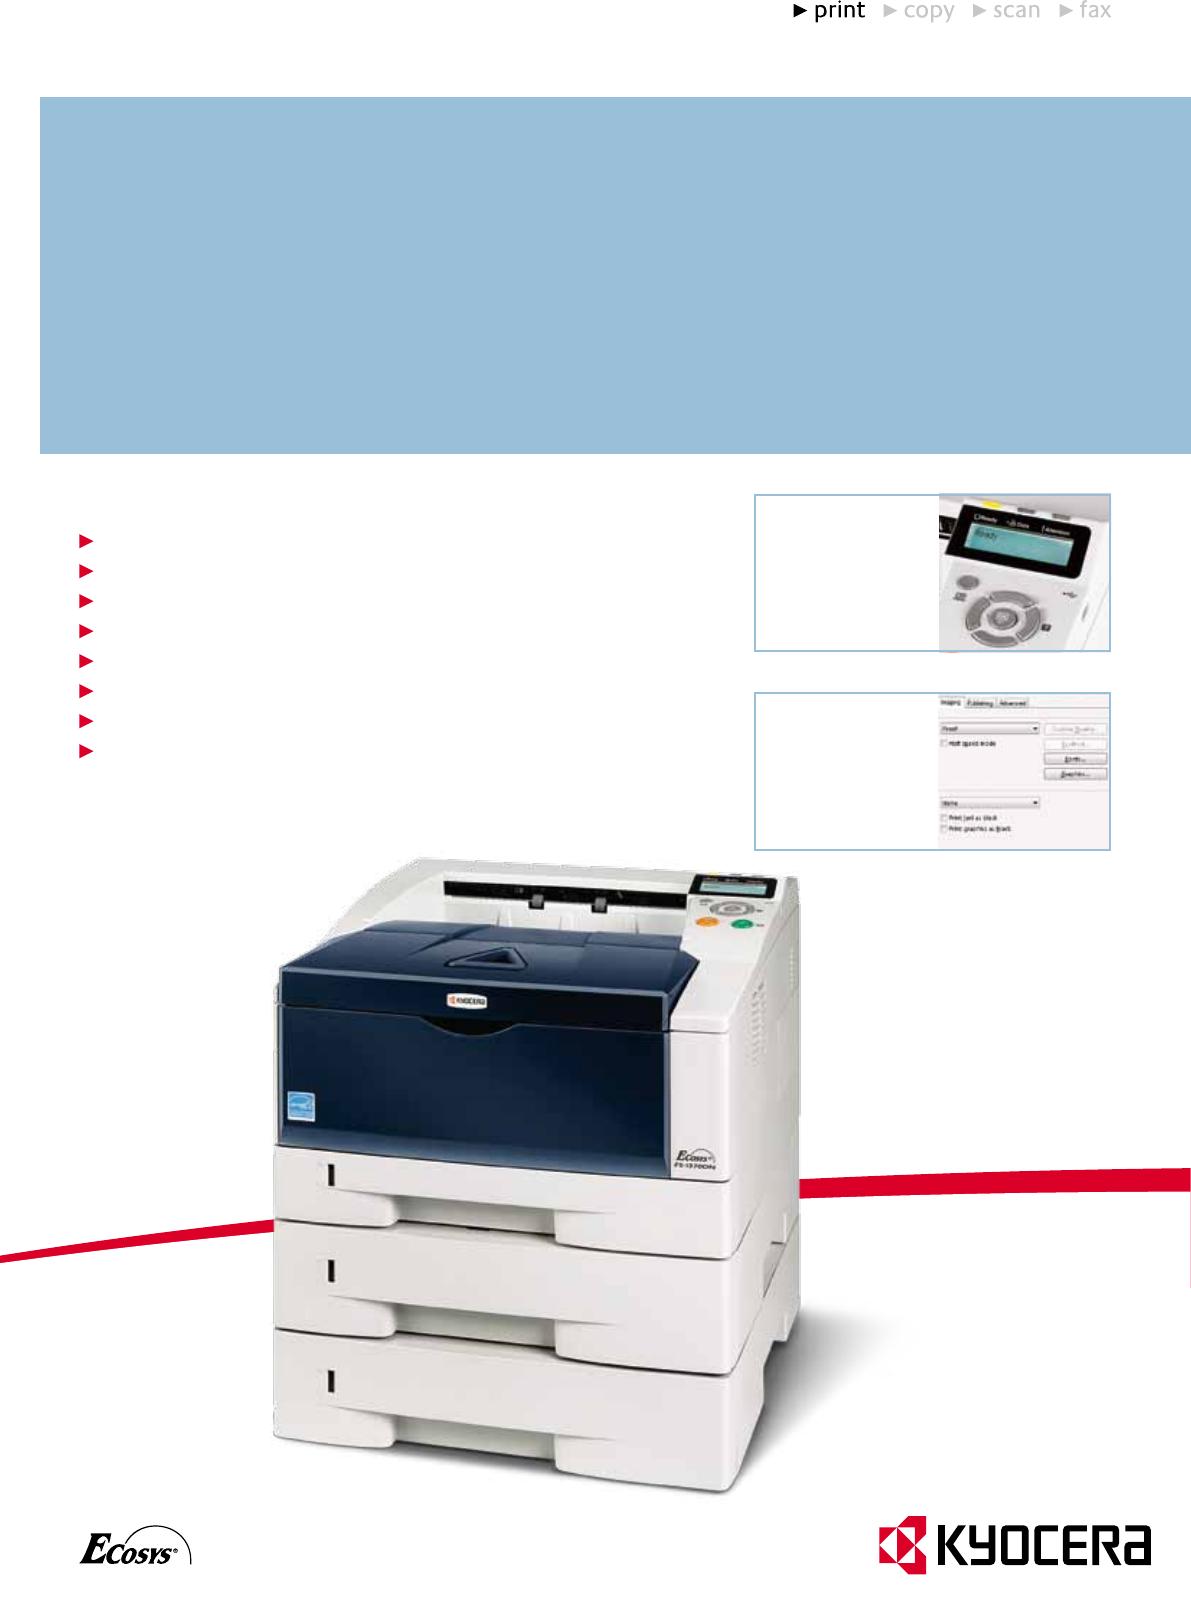 KYOCERA ECOSYS FS-1370DN PRINTER PC-FAX DRIVER WINDOWS 7 (2019)